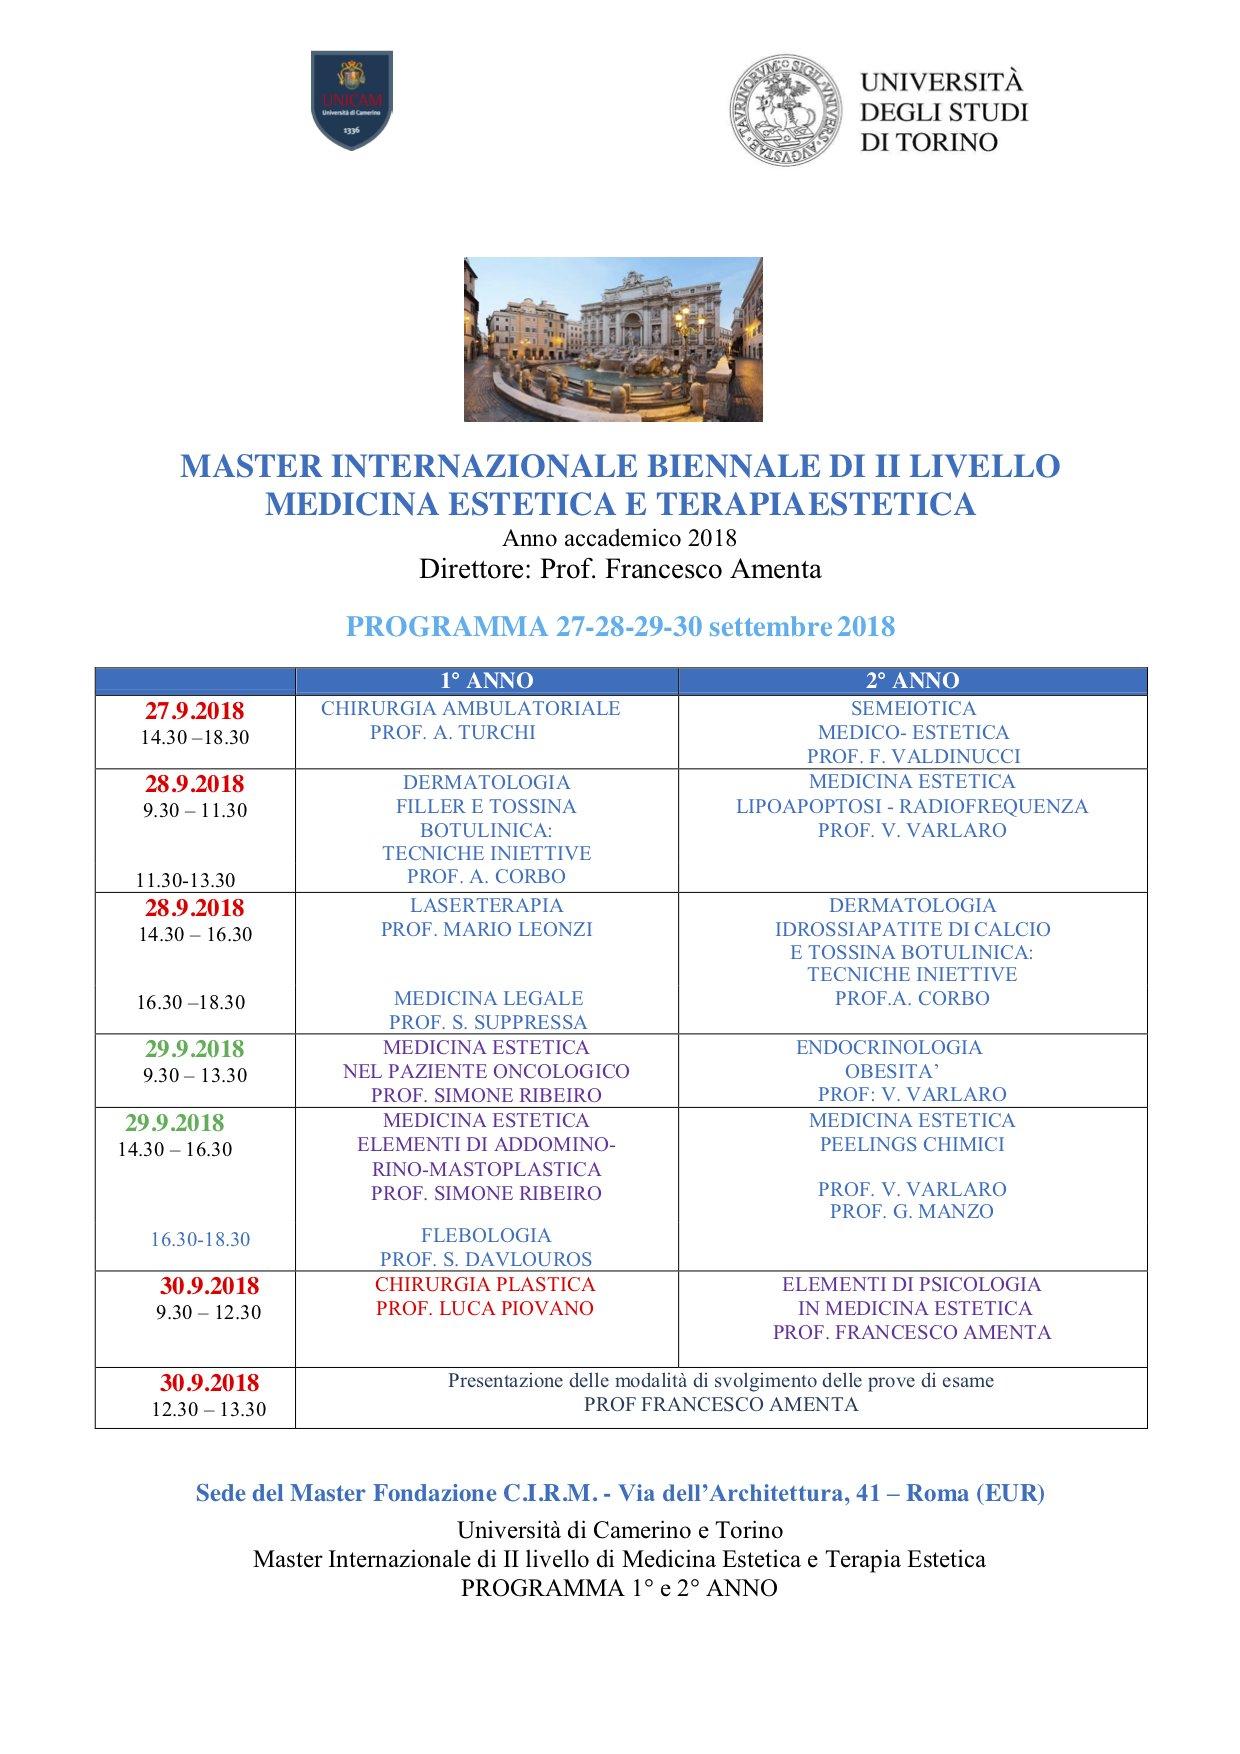 UNICAM PROGRAMMA ROMA SETTEMBRE 2018